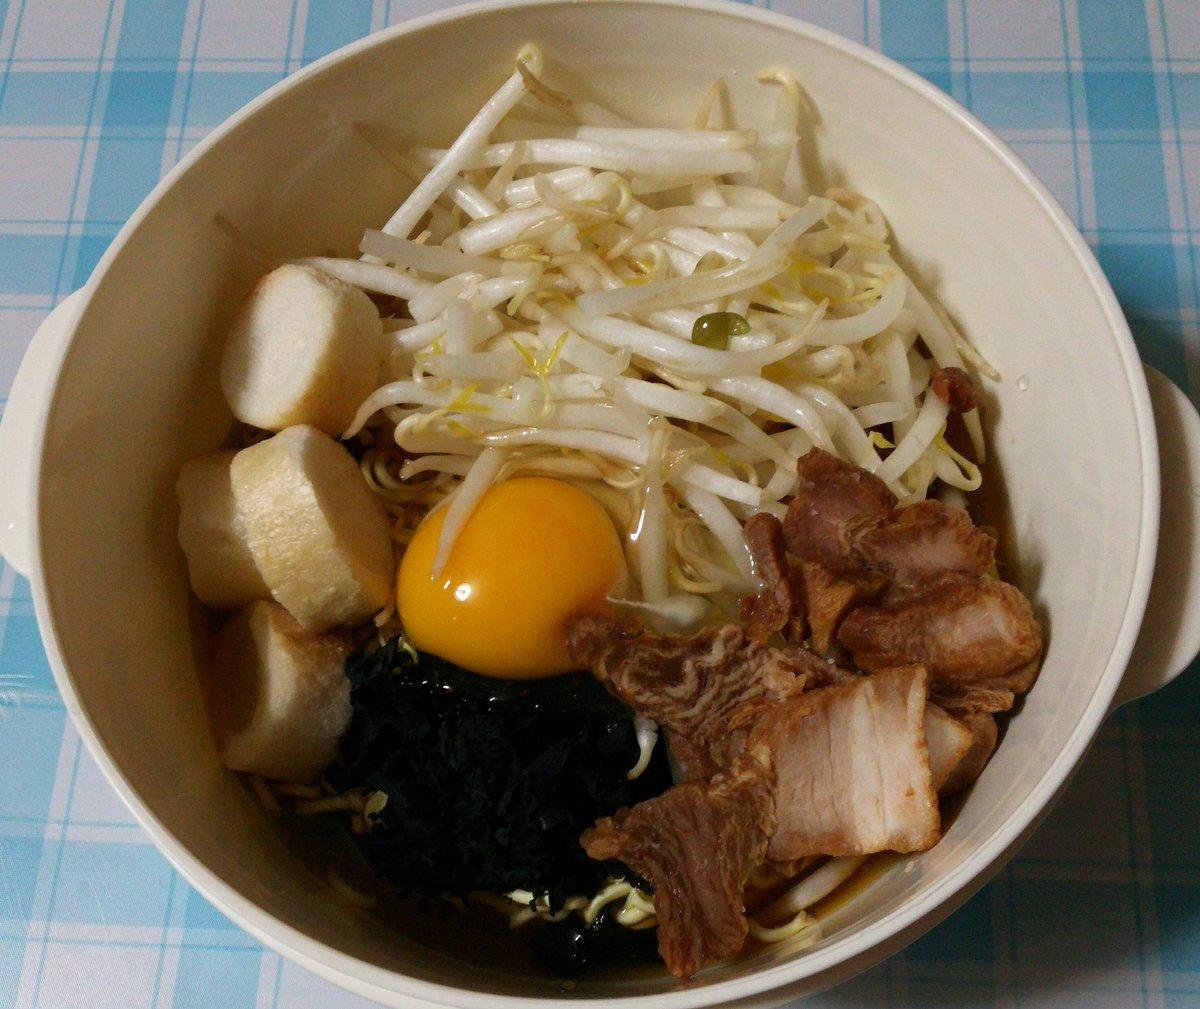 test ツイッターメディア - ダイソーの電子レンジでラーメン?? を使って、ラーメンを作りました!  う~ん!…?? スープが少なかった!ww  でも味は、とても美味しかった!?? 是非皆さんもお試しください!?? #ダイソー #レンジグッズ https://t.co/LbKW4q3t4J